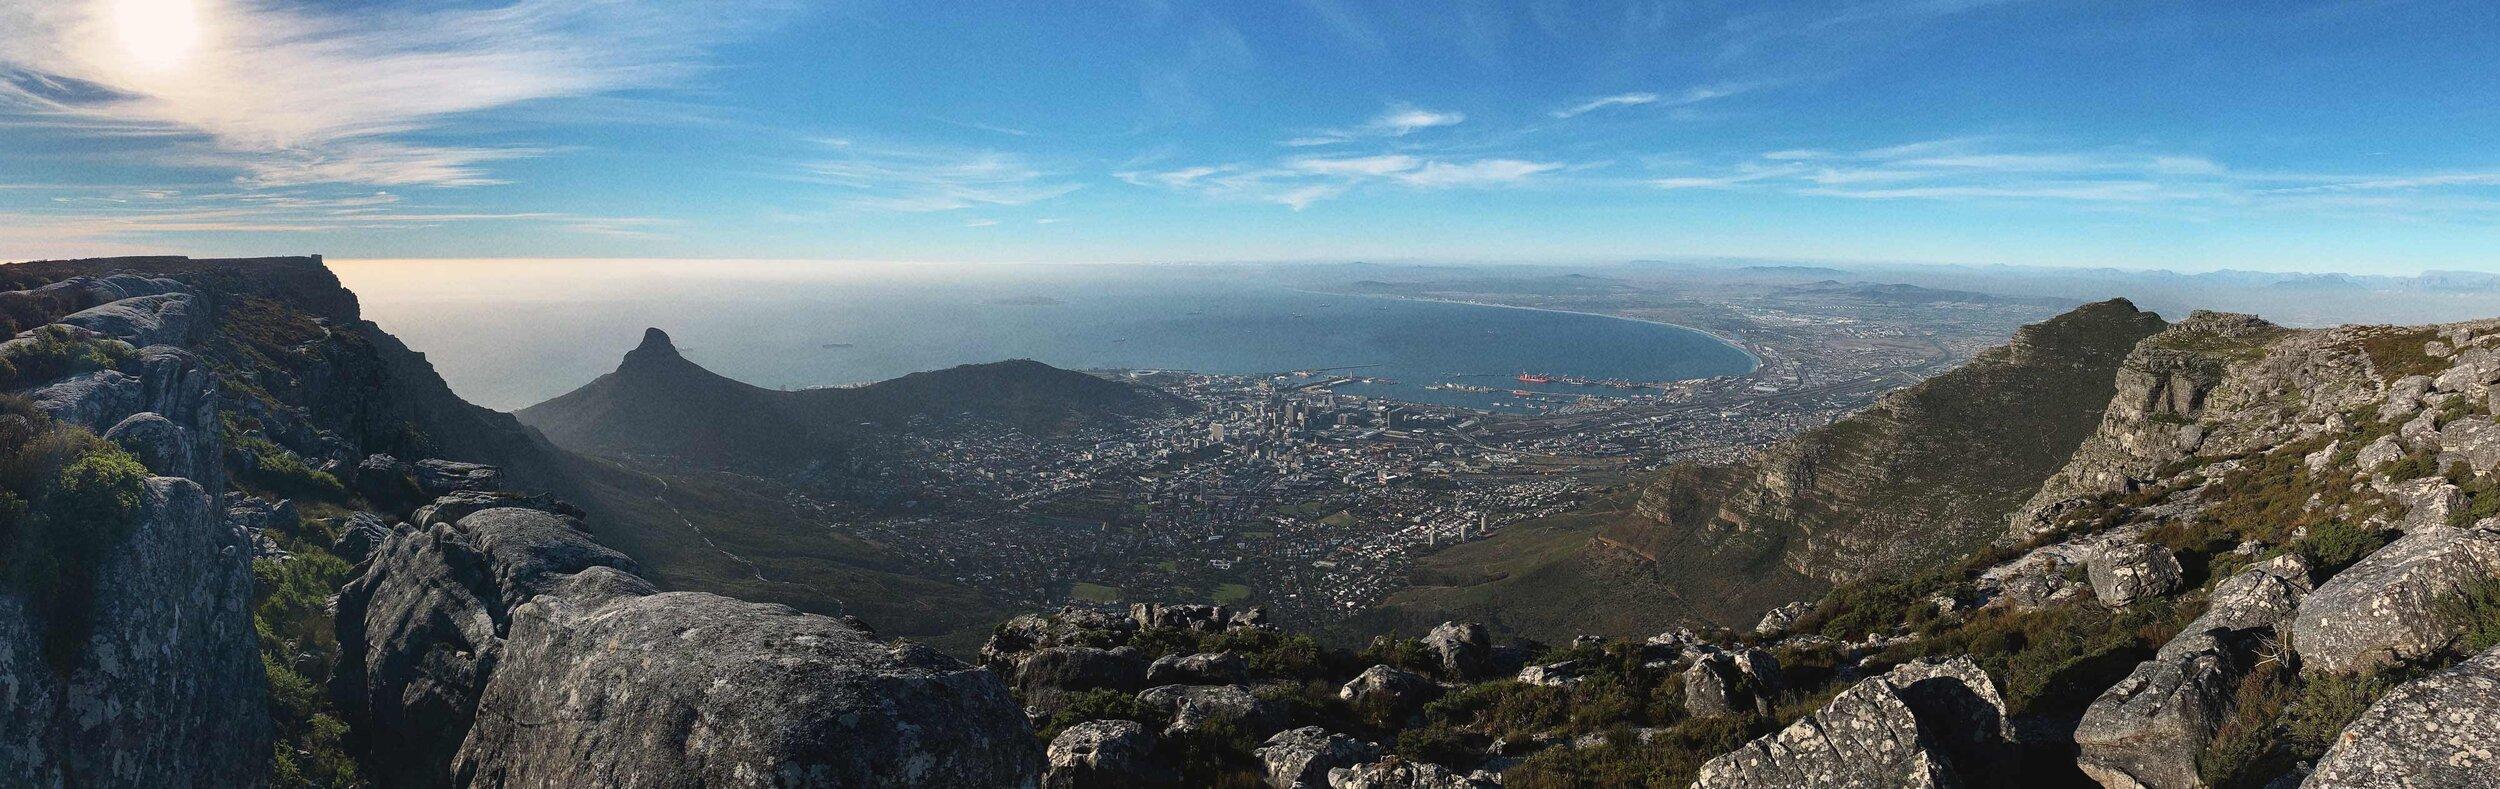 59_Giepert_South_Africa.jpg